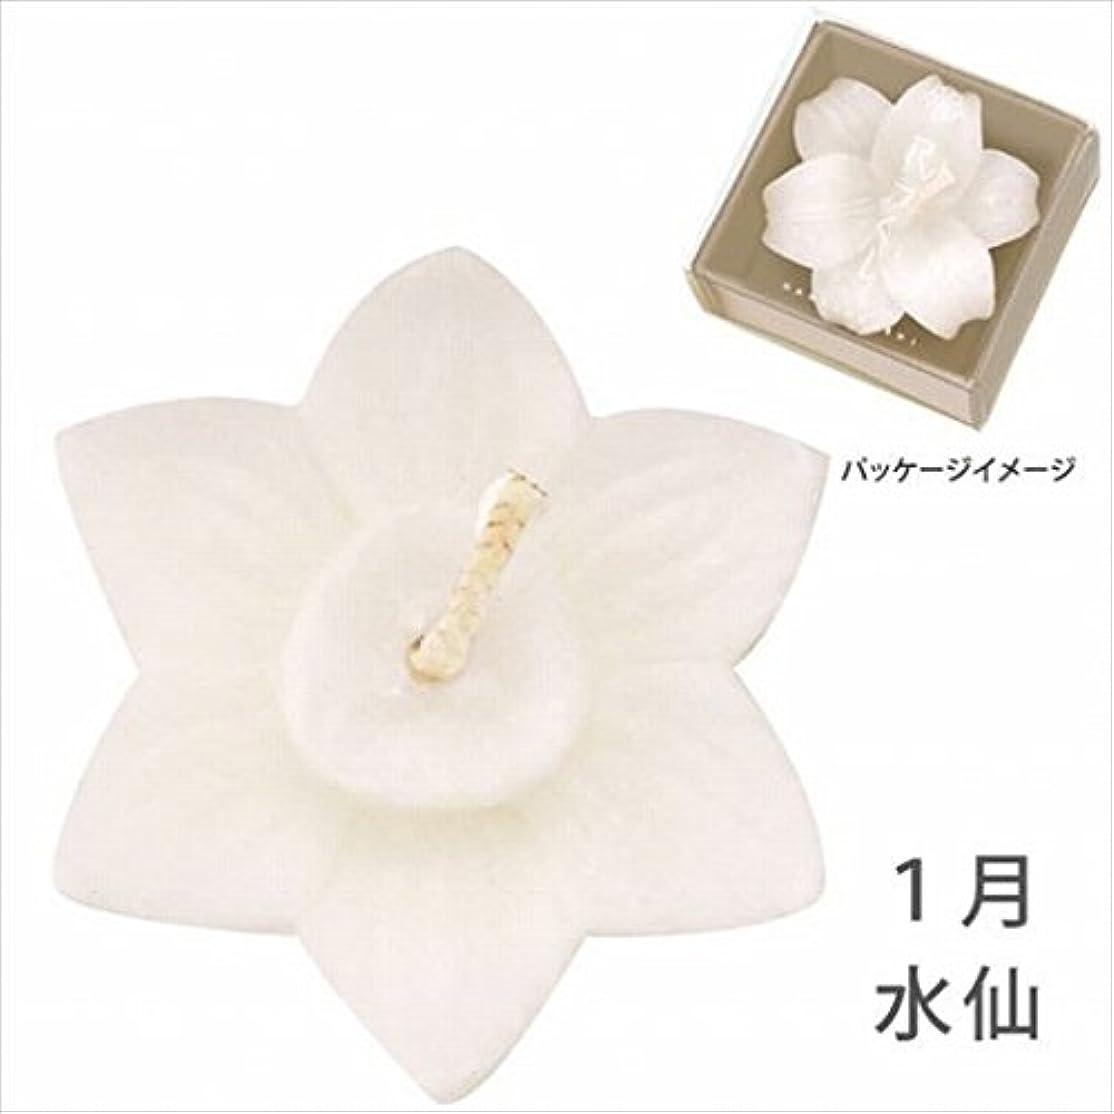 カメヤマキャンドル( kameyama candle ) 花づくし(植物性) 水仙 「 水仙(1月) 」 キャンドル